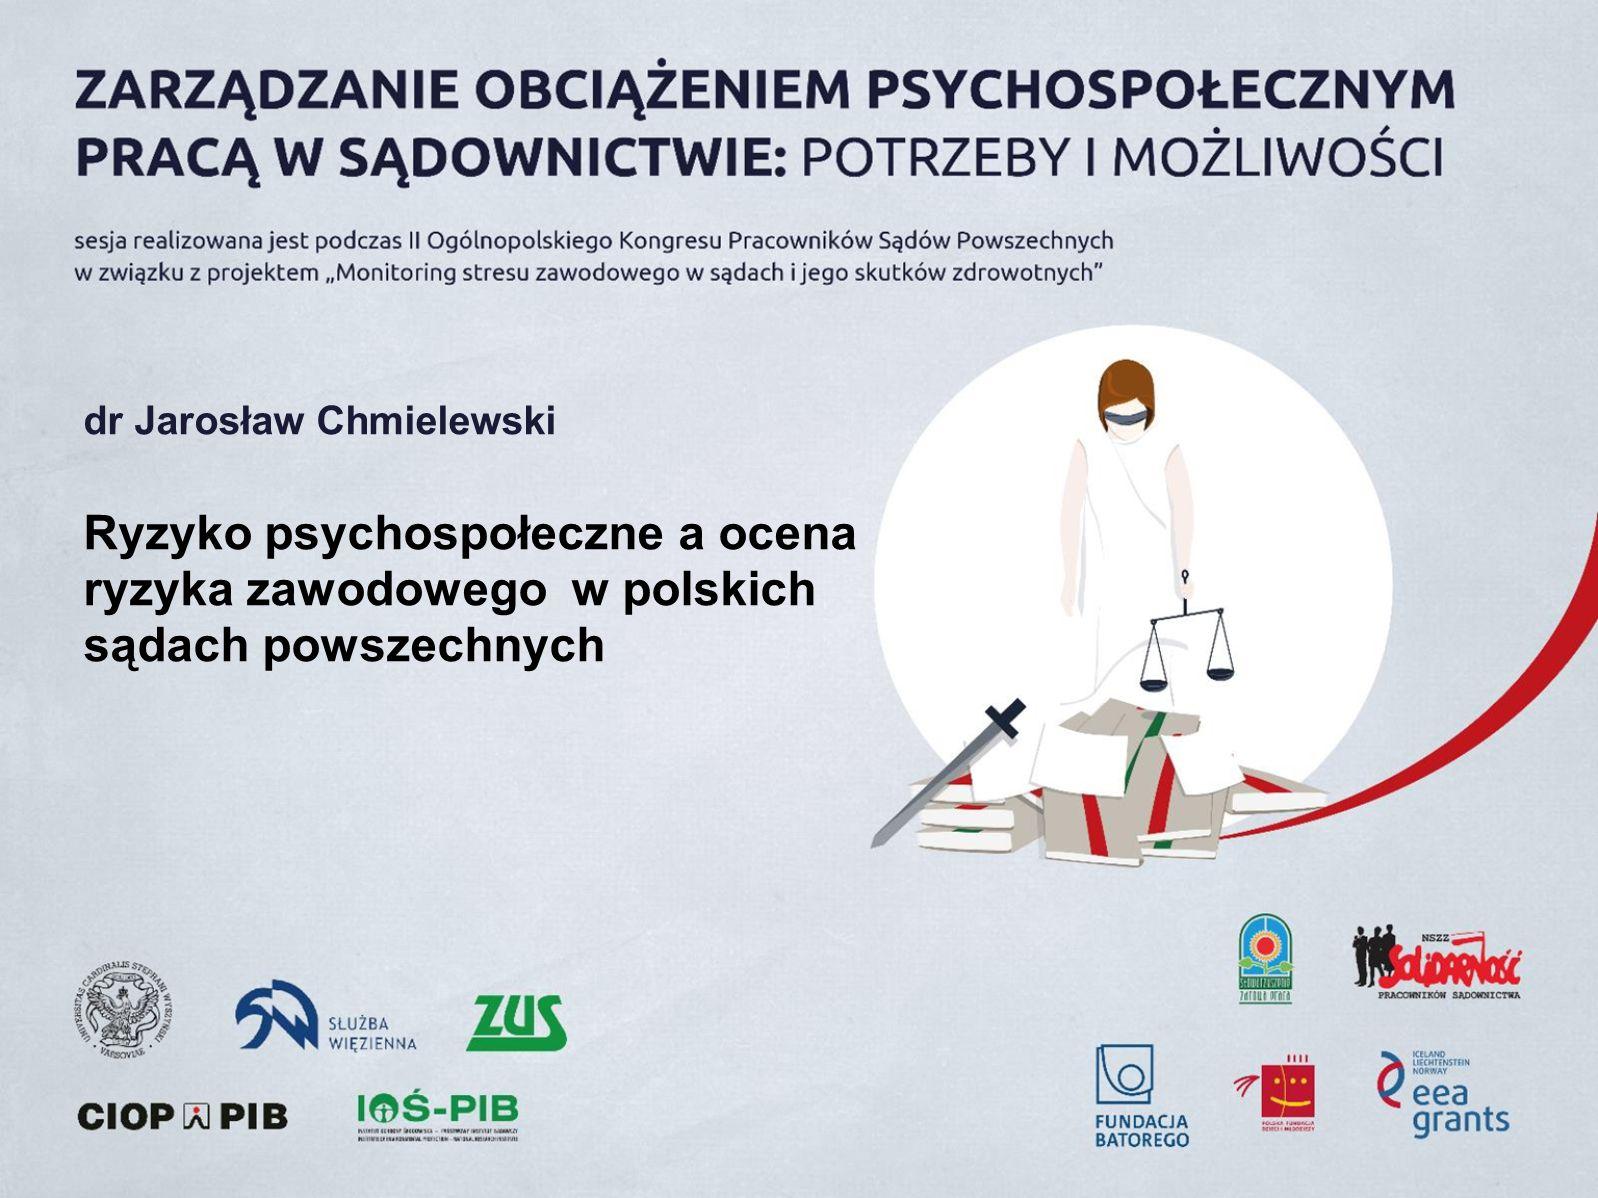 dr Jarosław Chmielewski Ryzyko psychospołeczne a ocena ryzyka zawodowego w polskich sądach powszechnych